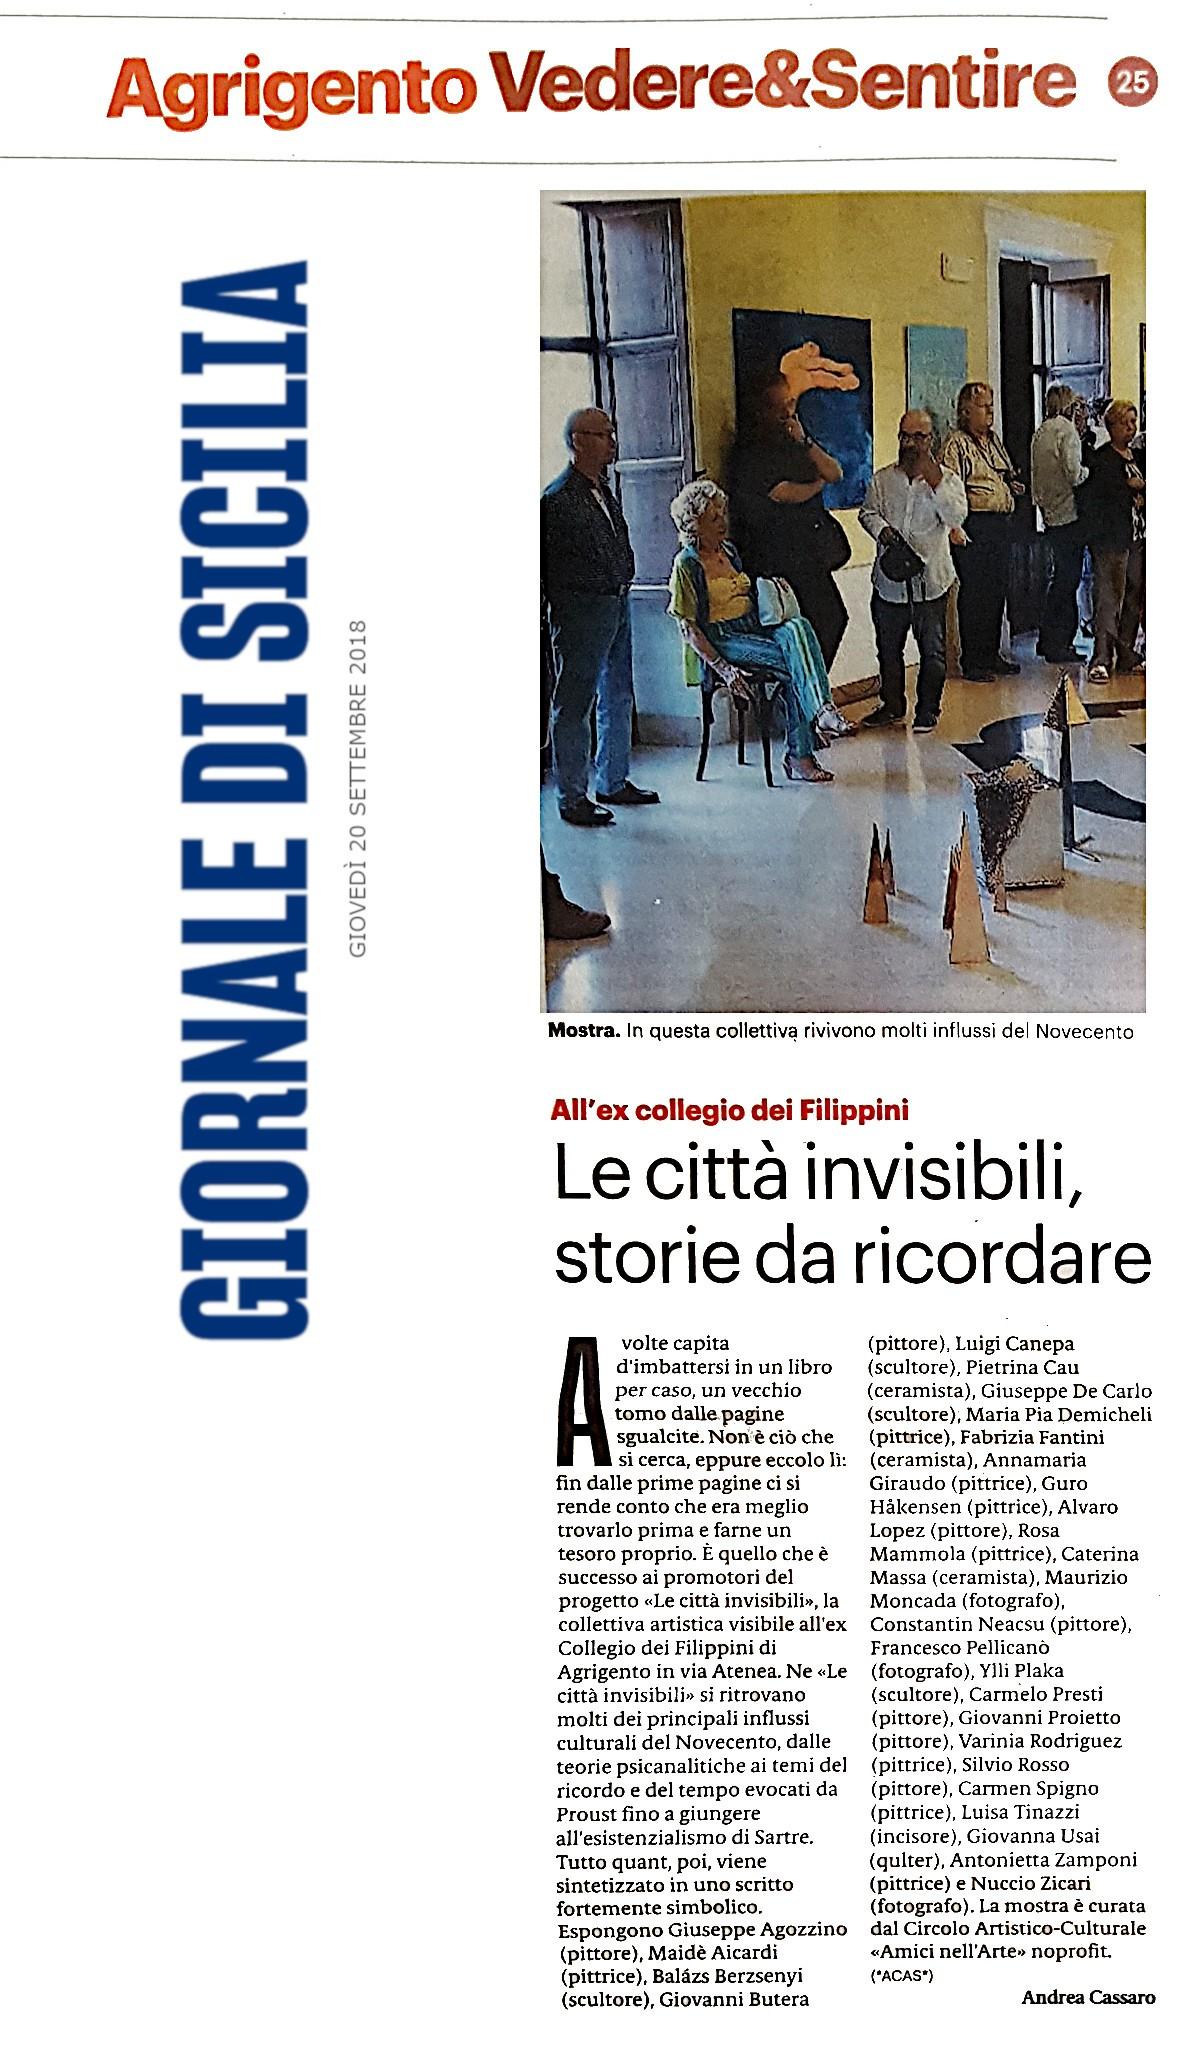 Giornale di Sicilia AG20 settembre 2018